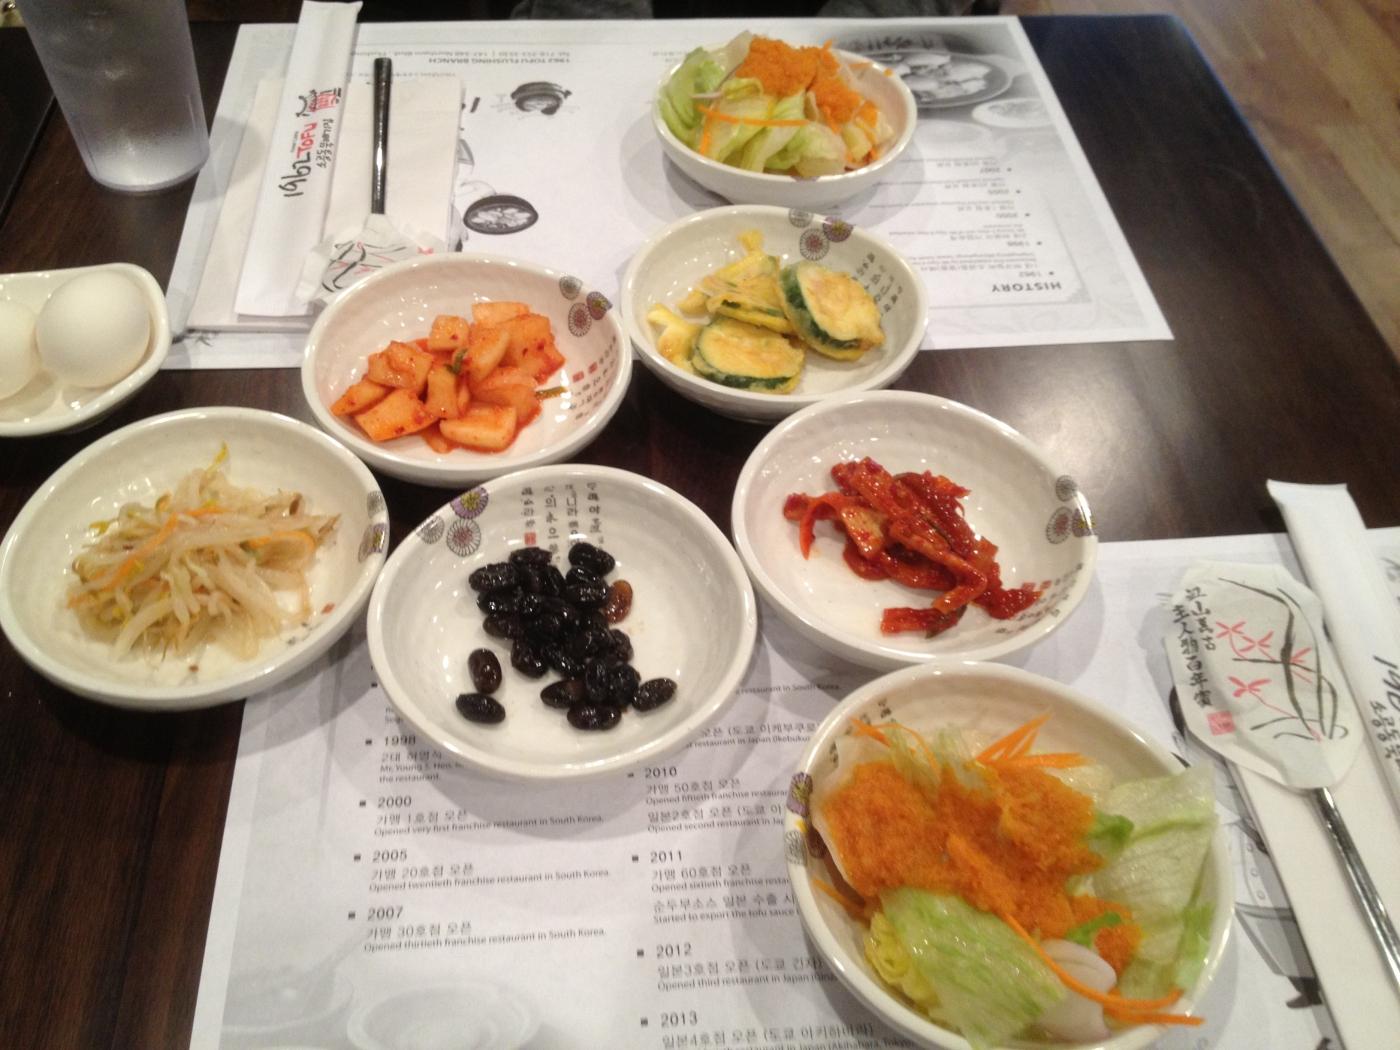 [jiejoy]晚餐---豆腐煲_图1-3